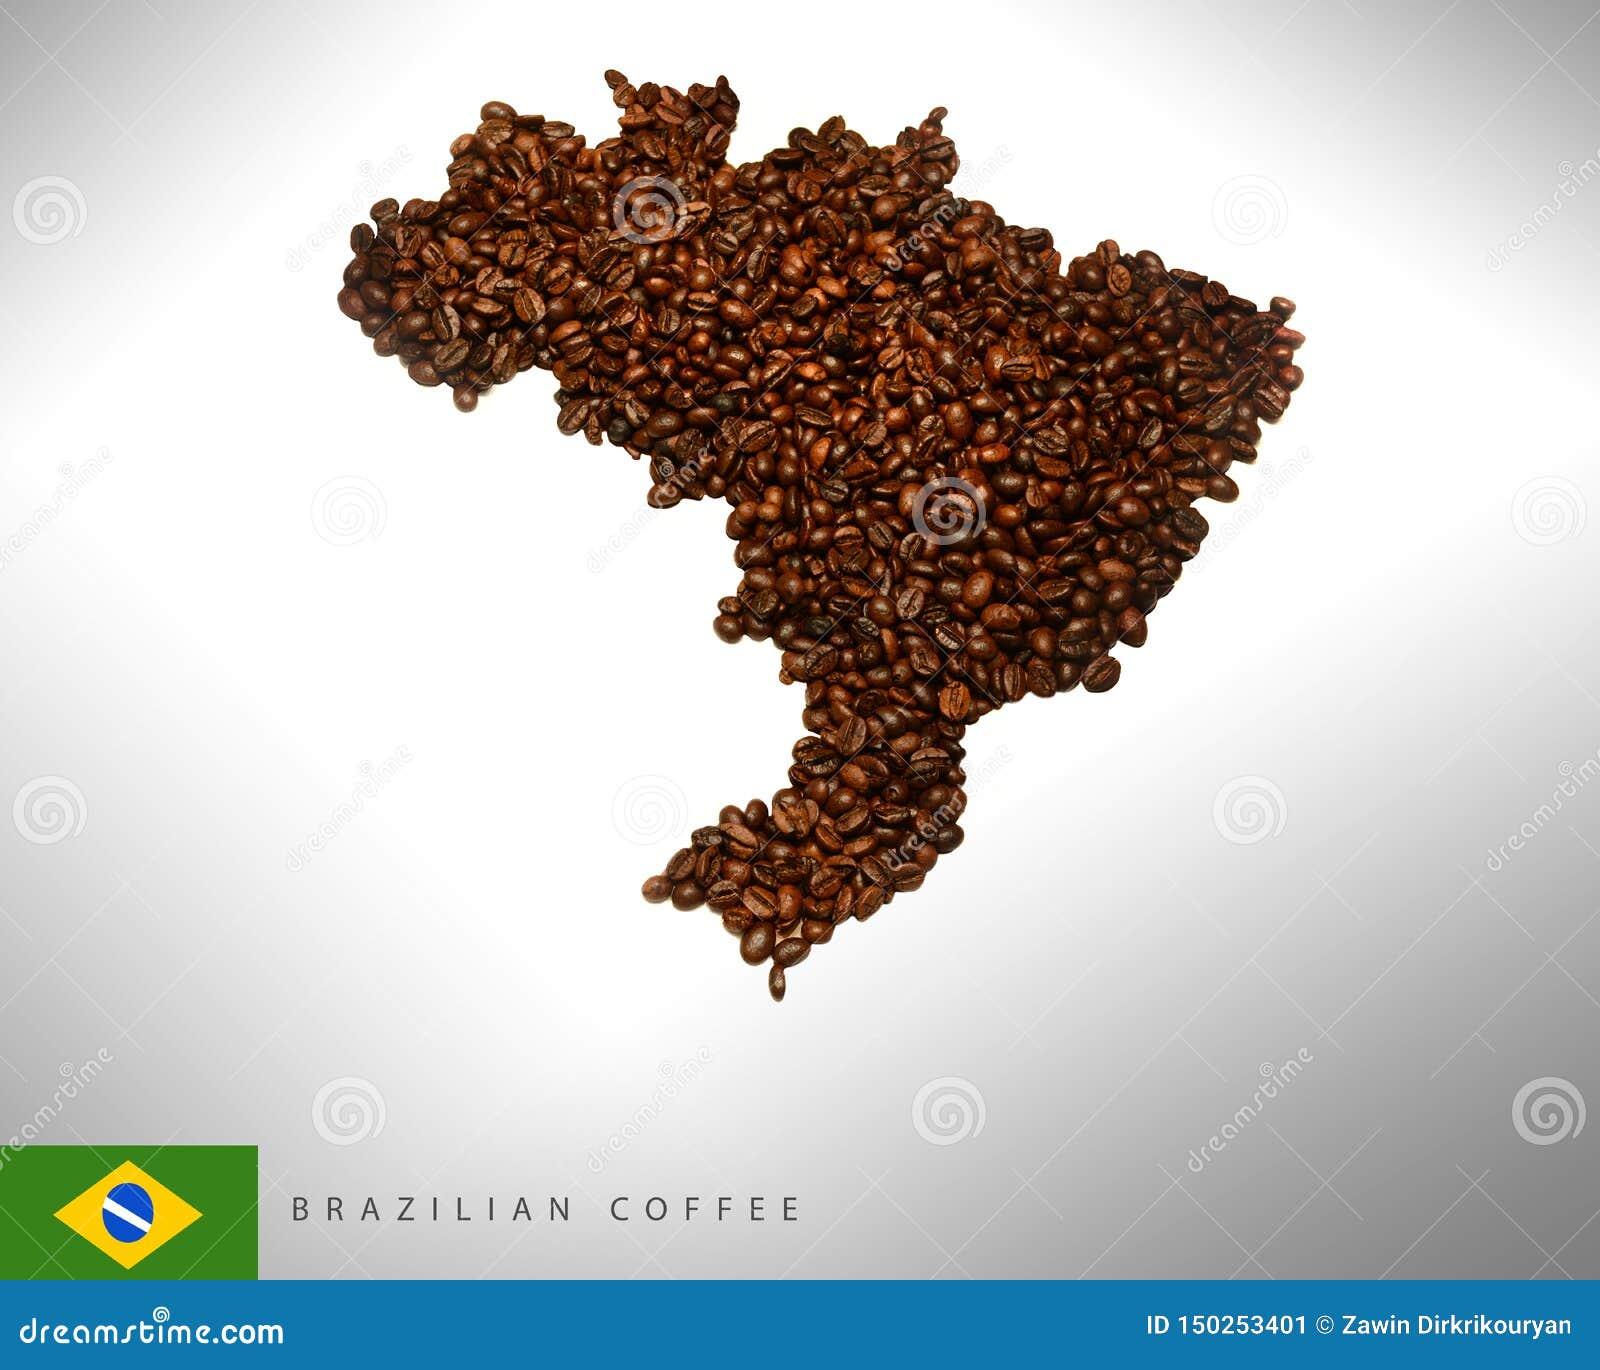 Mappa brasiliana con i chicchi di caffè, fotografia,